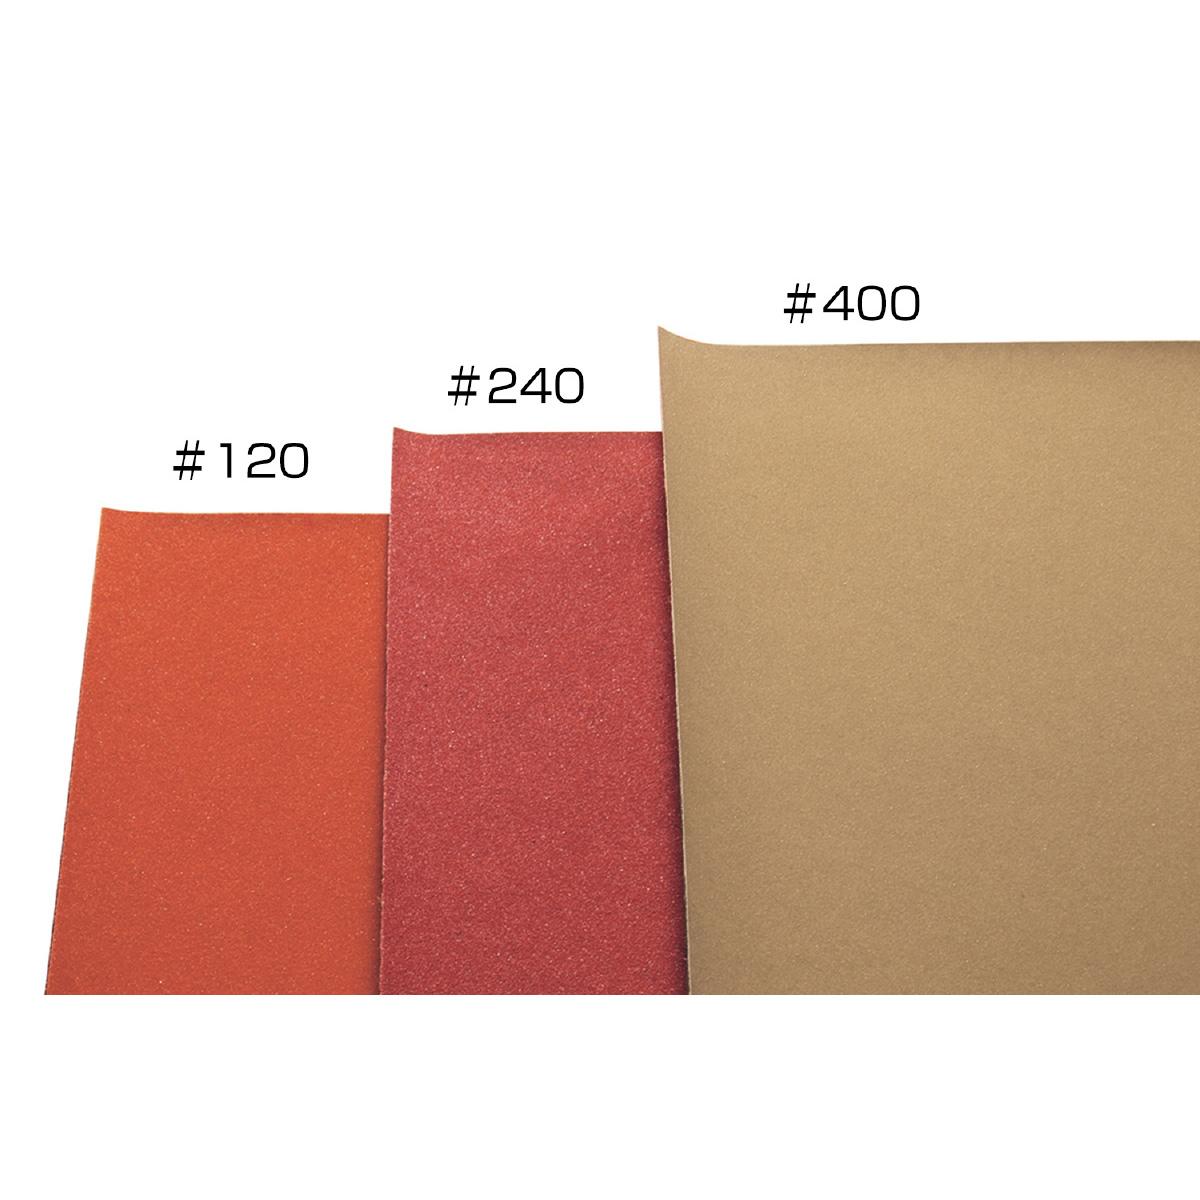 サンドペーパー#120 中目 10枚組 紙やすり 画材 図工 工作 美術 小学生 中学生 紙ヤスリ